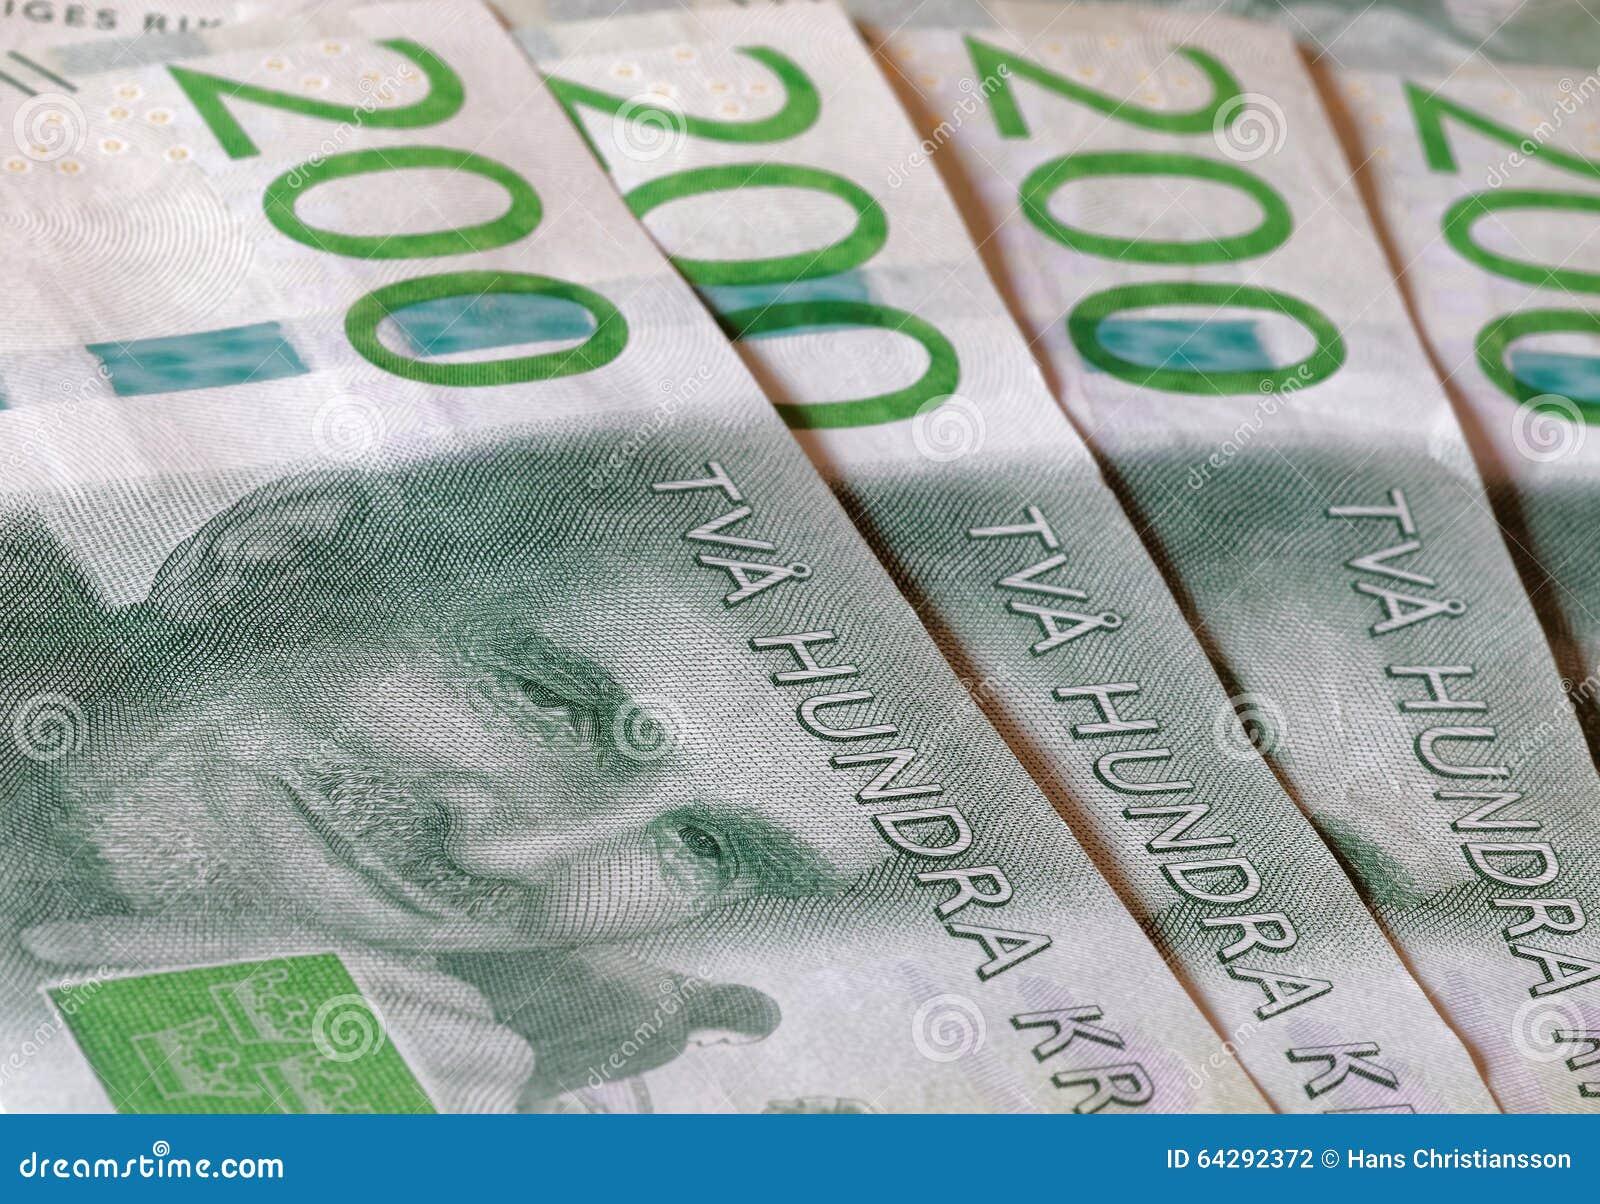 kr till euro